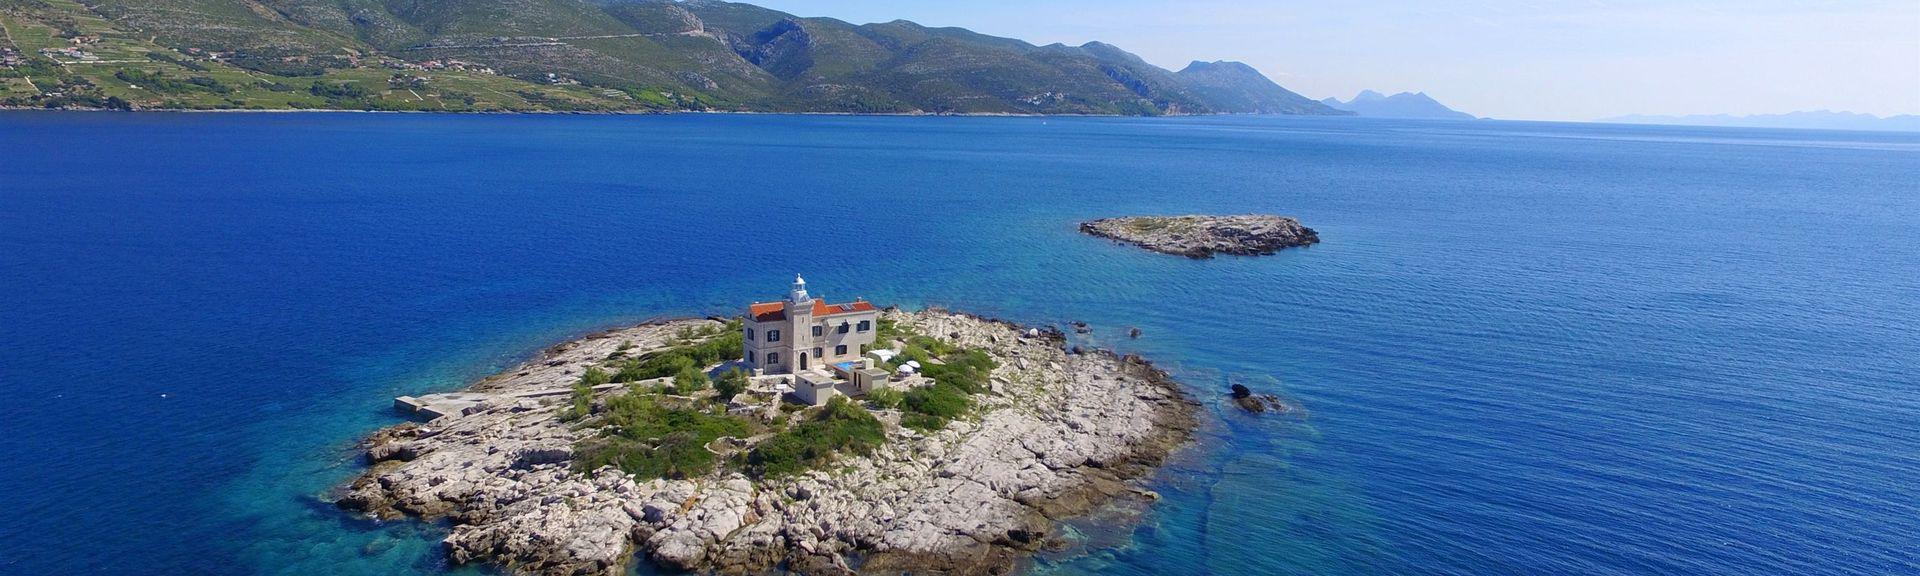 Račišće, Comitat de Dubrovnik-Neretva, Croatie